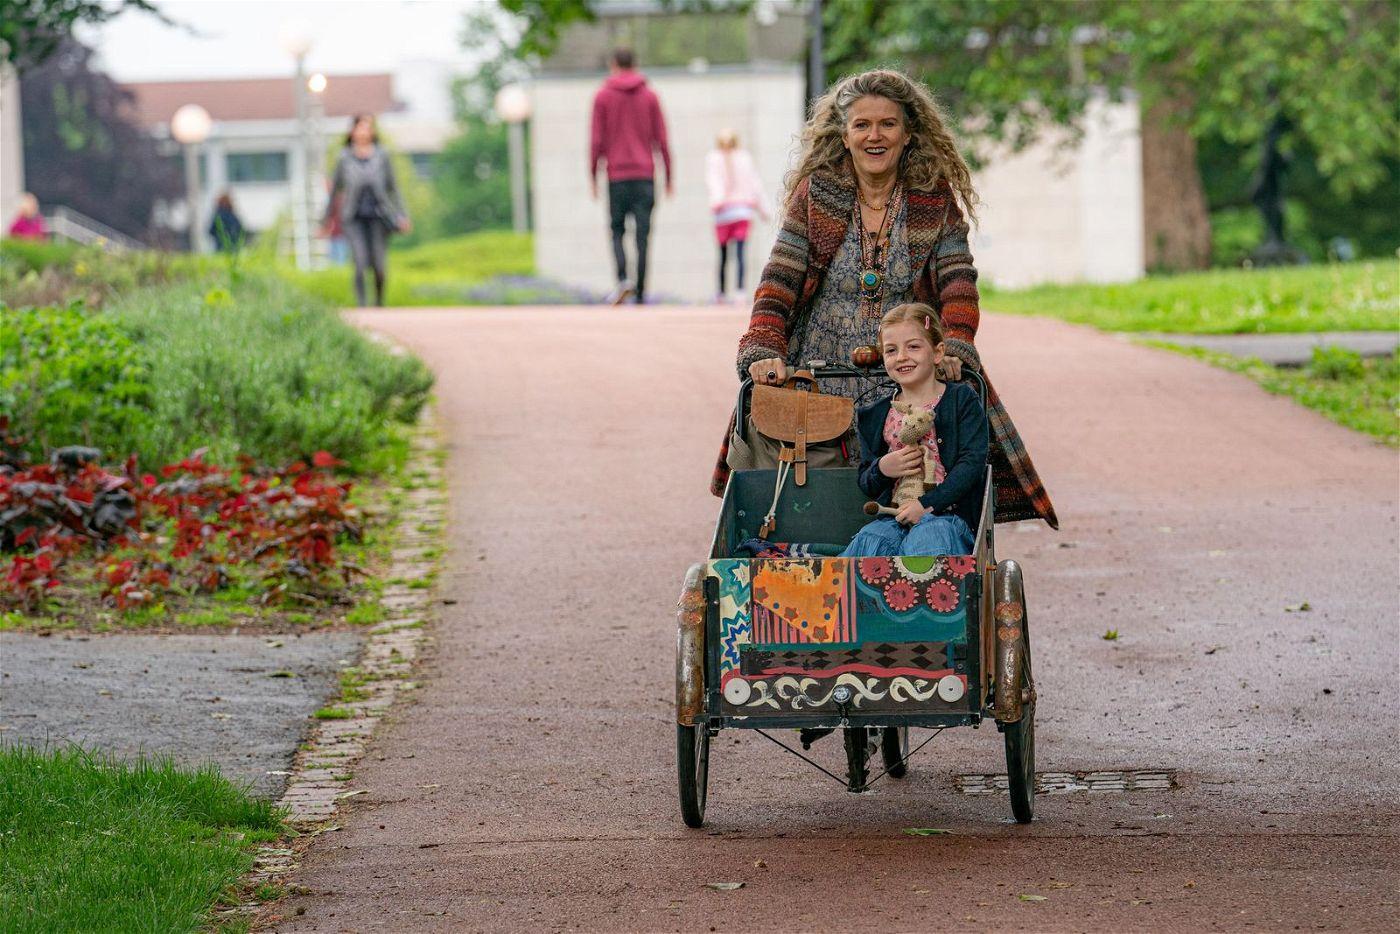 Barbara Sukowa schert sich als Hippie-Oma Philippa so gar nicht um Konventionen, was ihrer extrem gut behütet aufwachsenden Leih-Enkelin Leonie ziemlich gut gefällt.